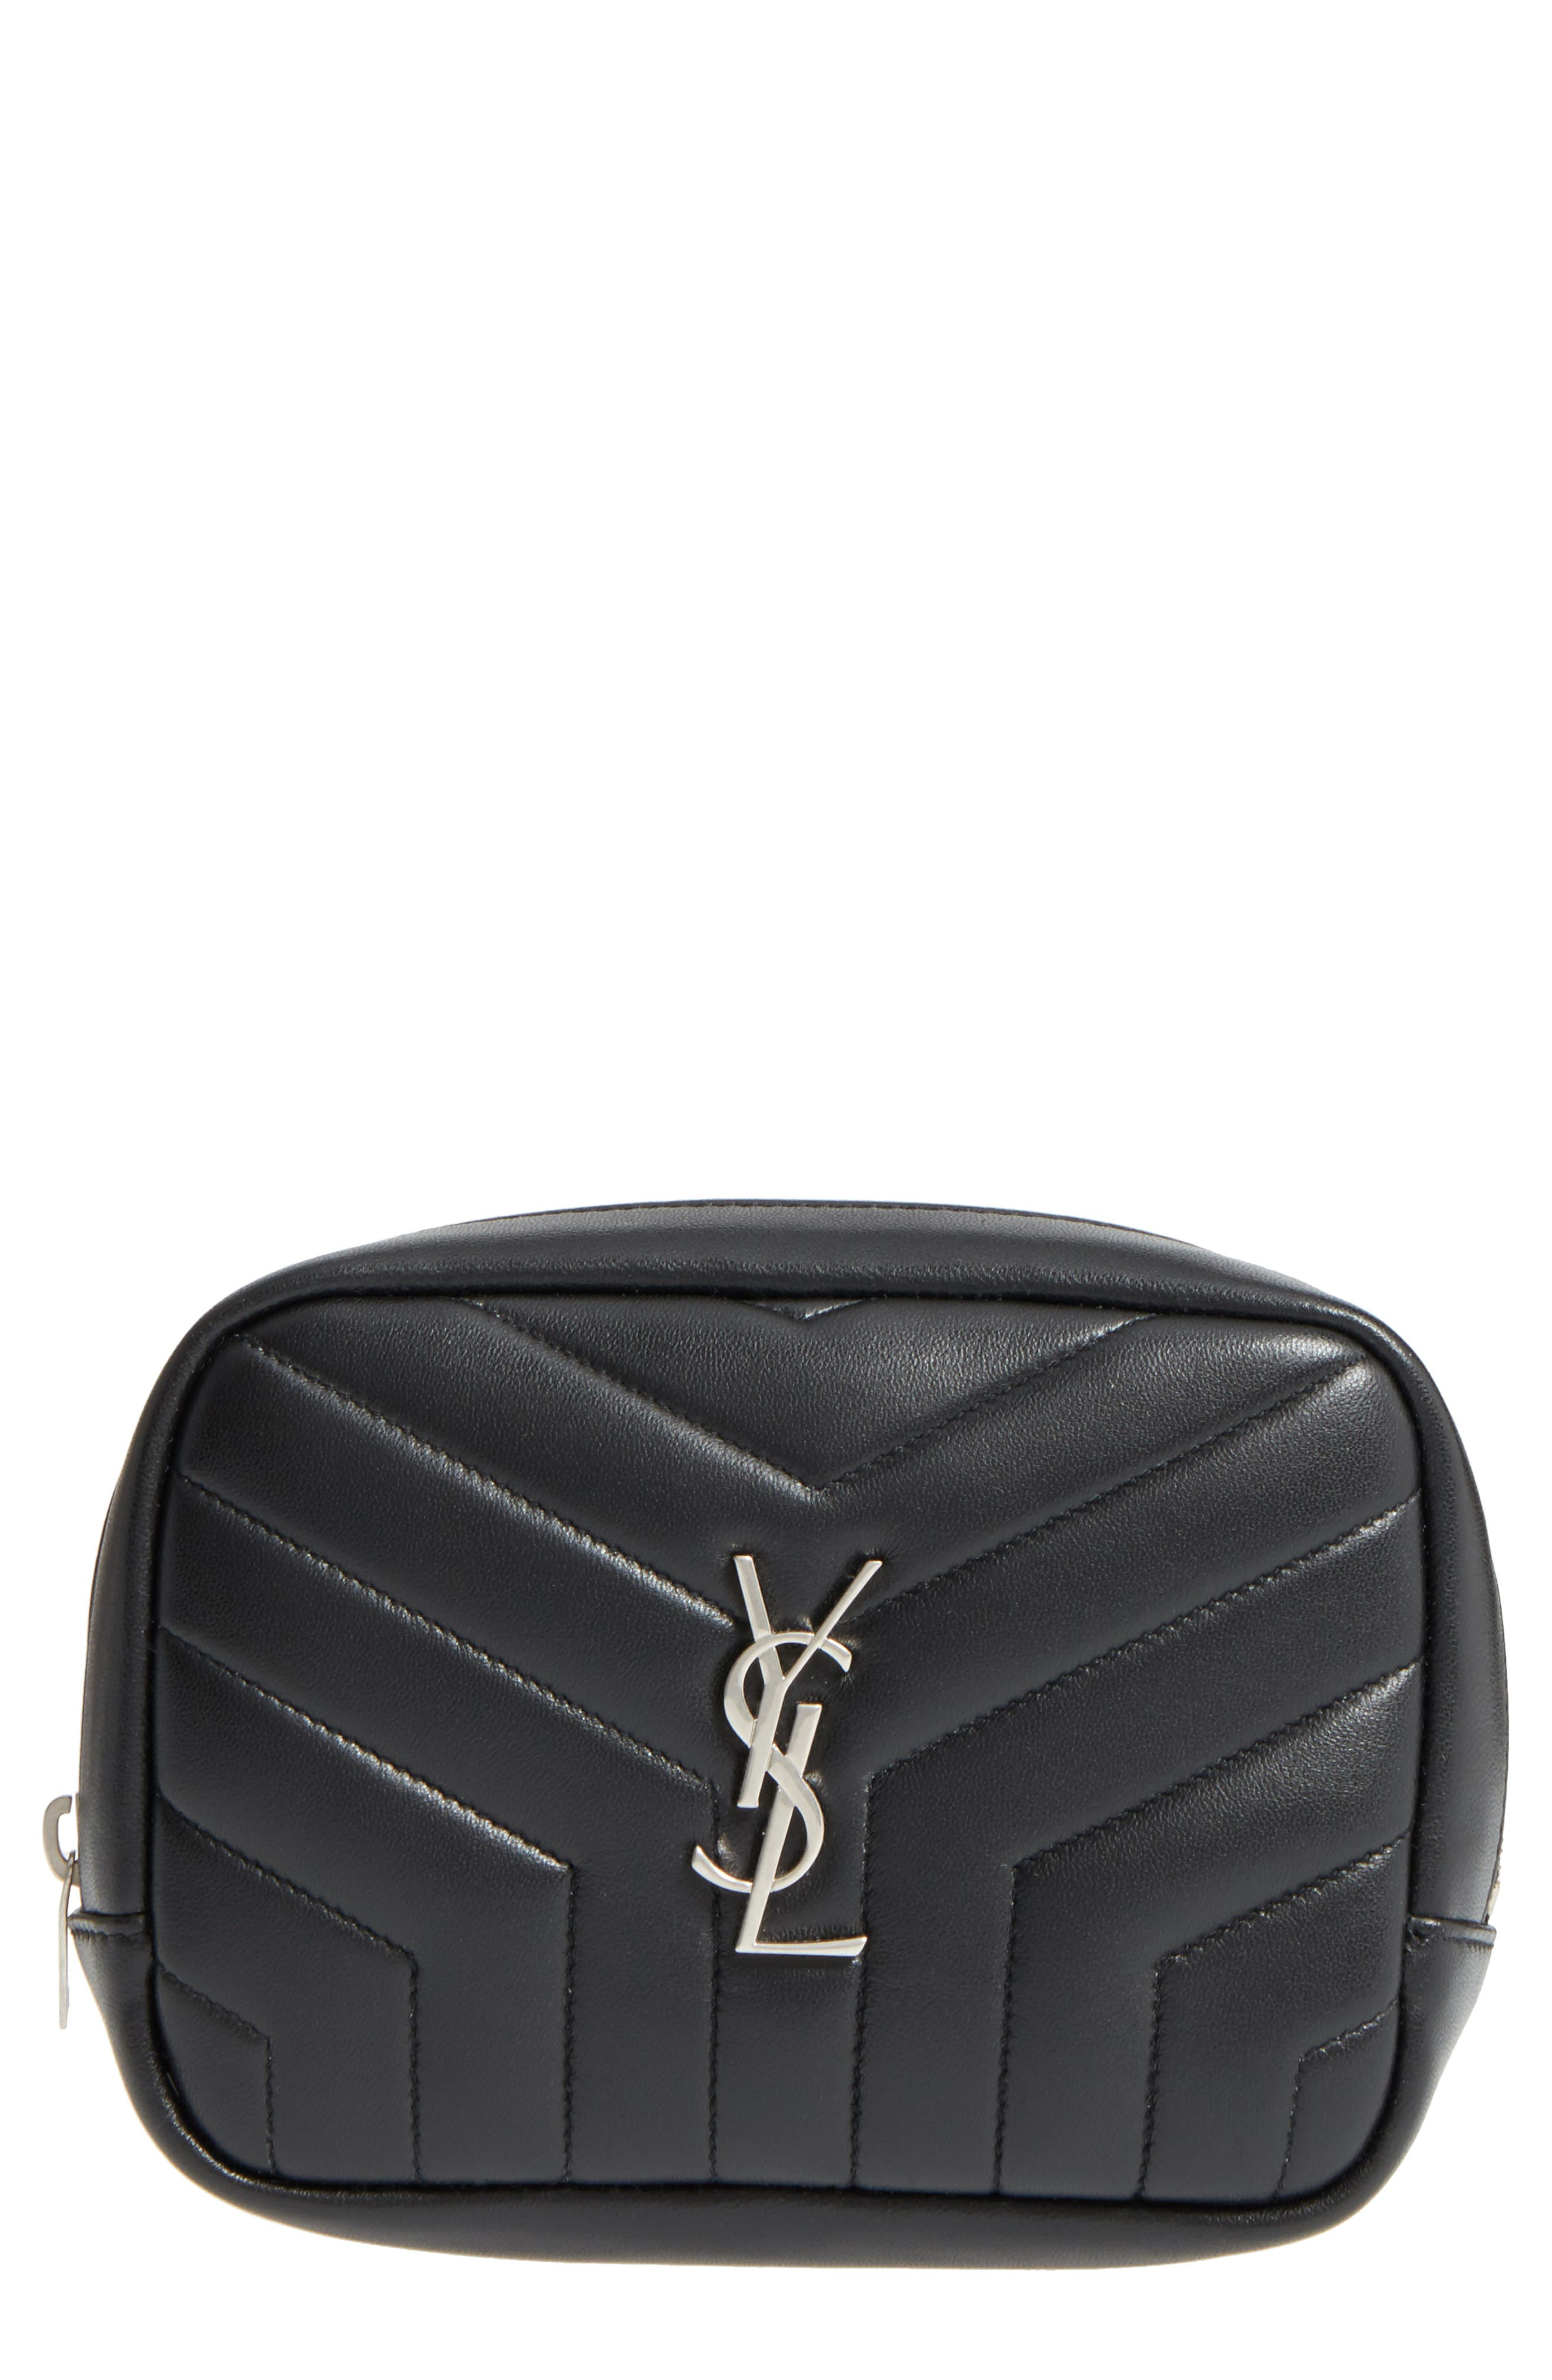 Loulou Matelassé Leather Cosmetics Bag,                         Main,                         color, BLACK